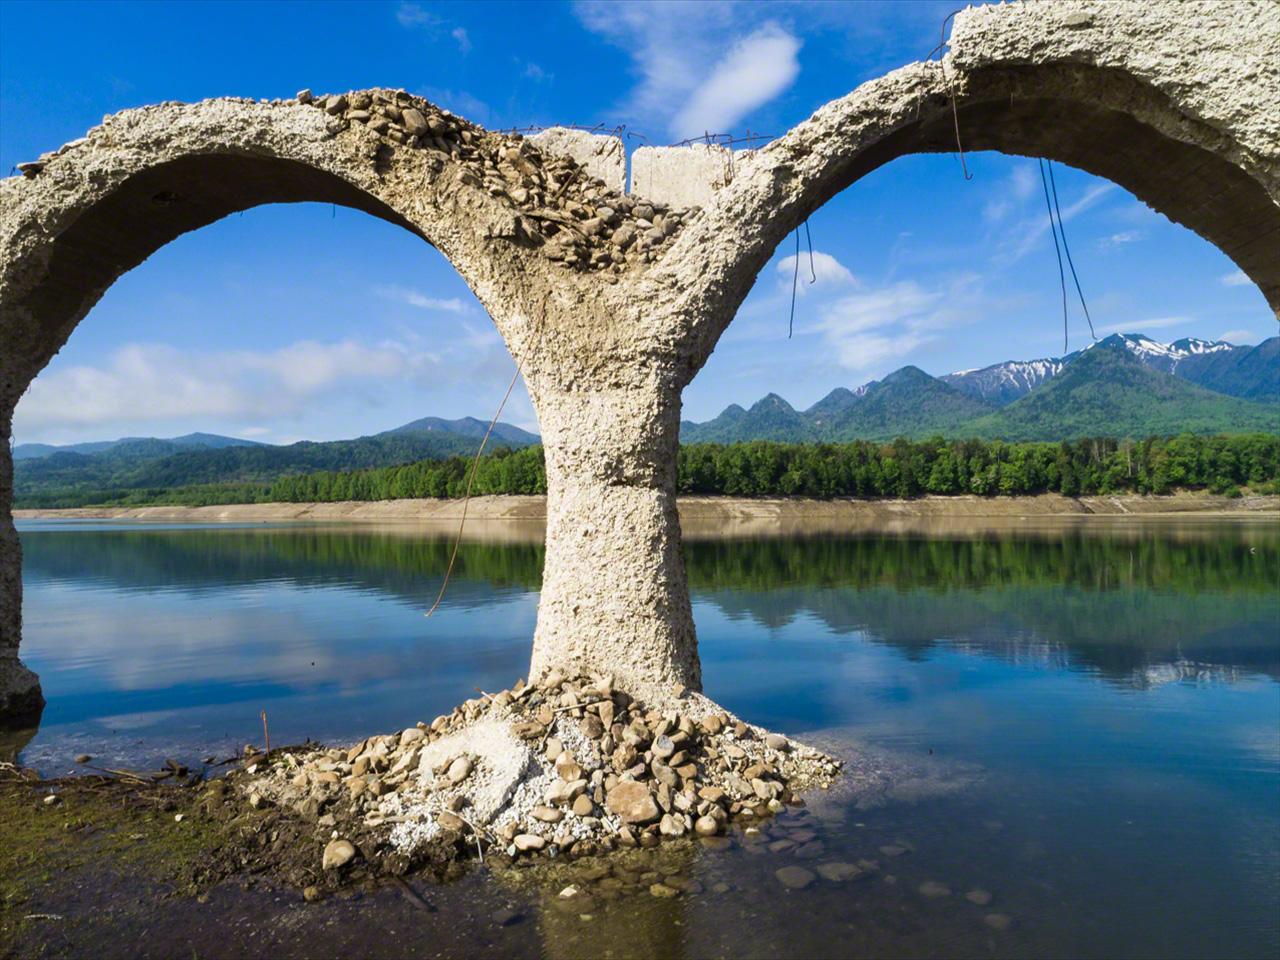 Junio. Los escombros generados por el desprendimiento progresivo de la pared se acumulan en la base.